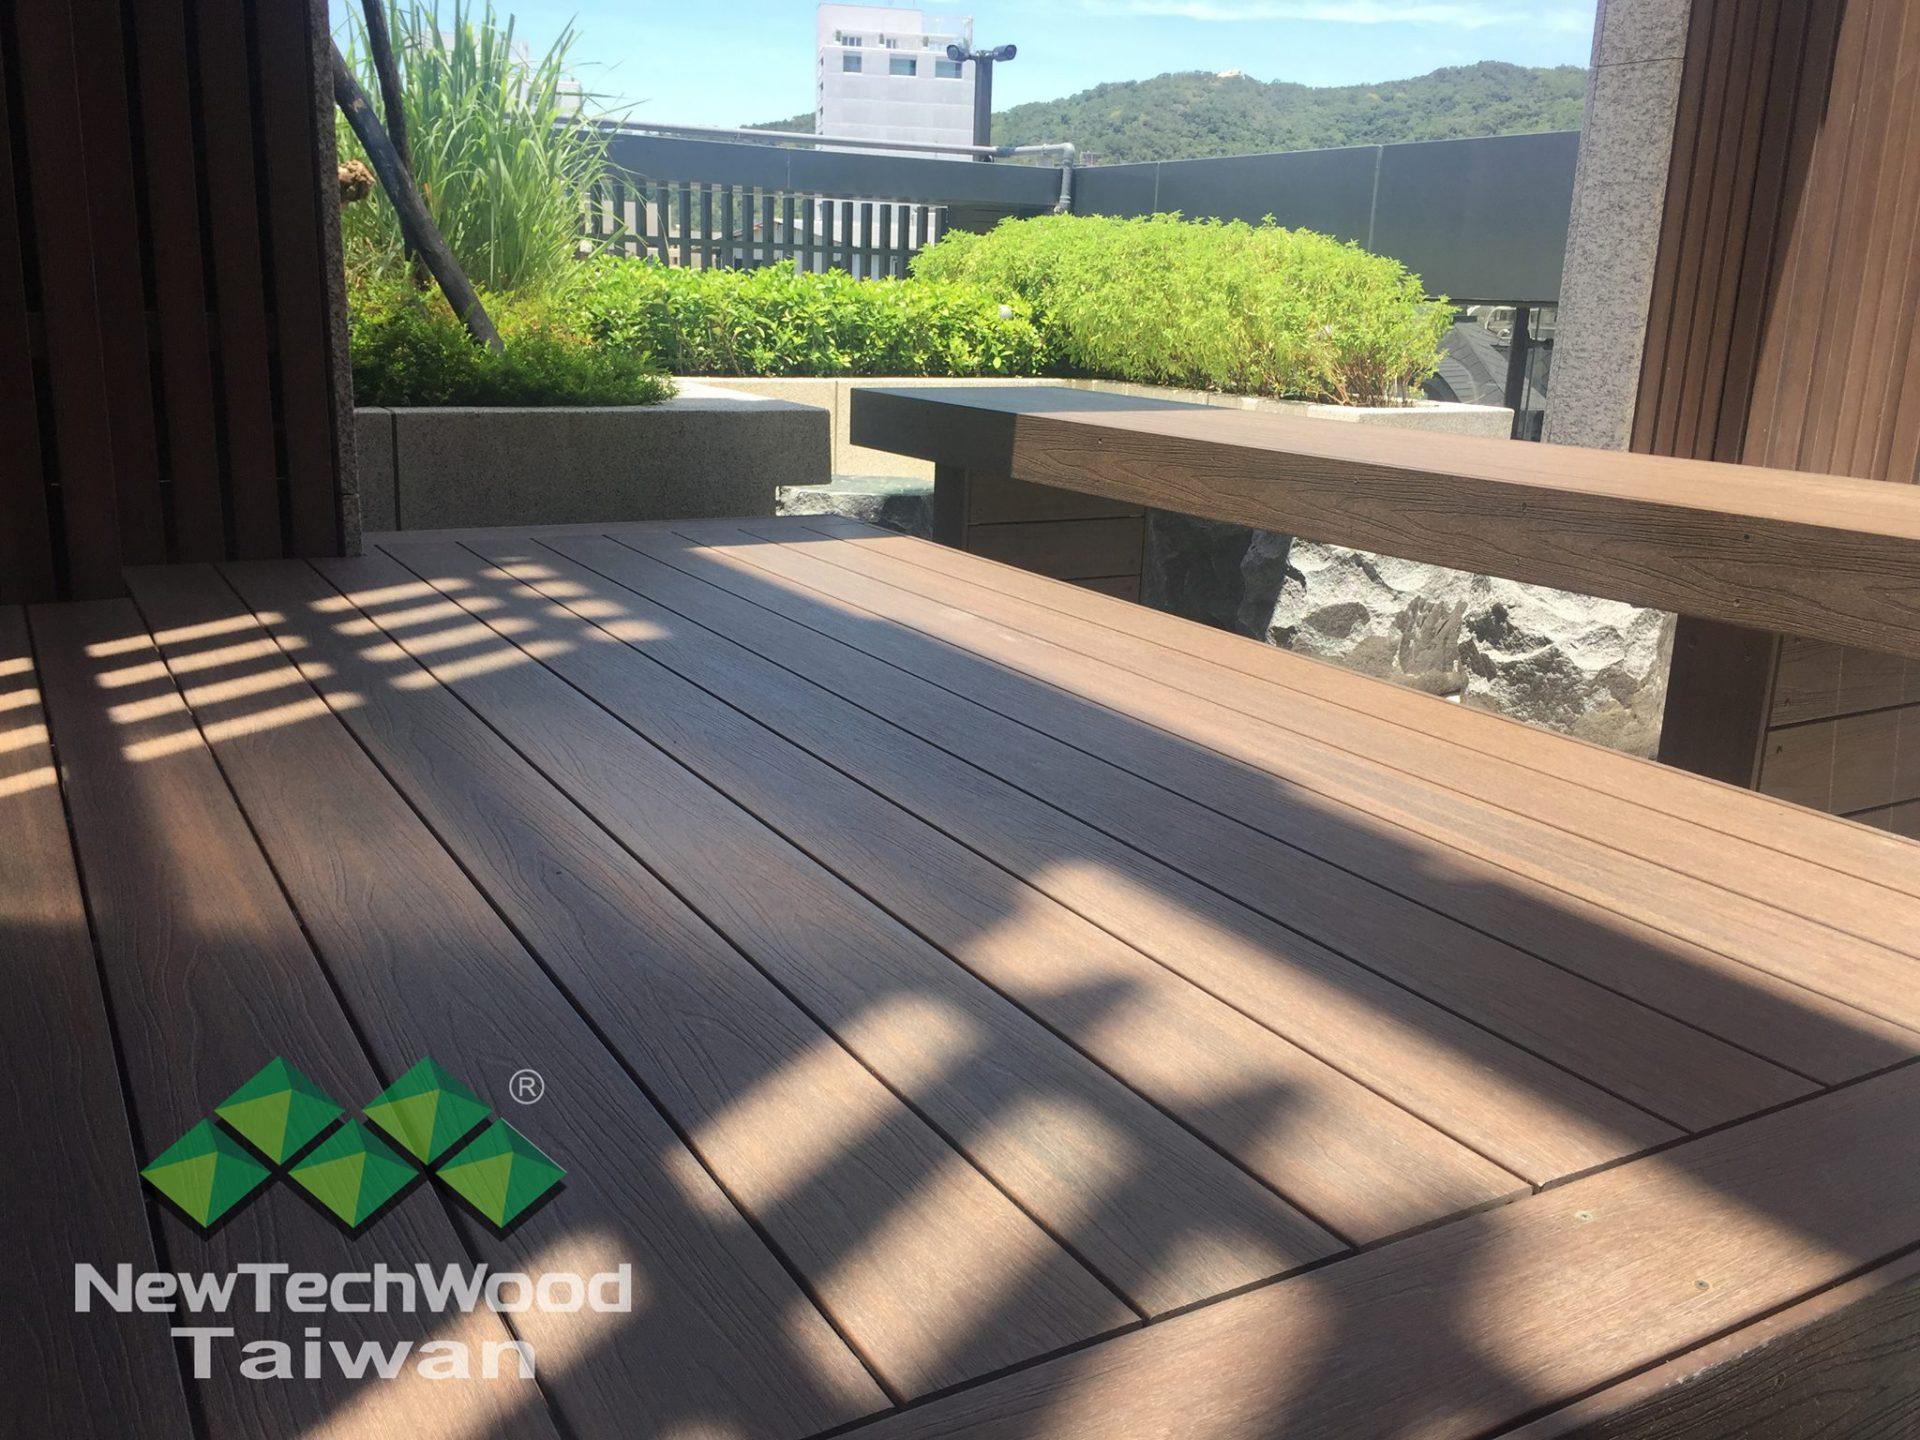 綠建材-塑木-胡桃木-景觀設計-公設美化-活動平台-長椅-不鏽鋼骨架-管線遮蔽-信義謙石